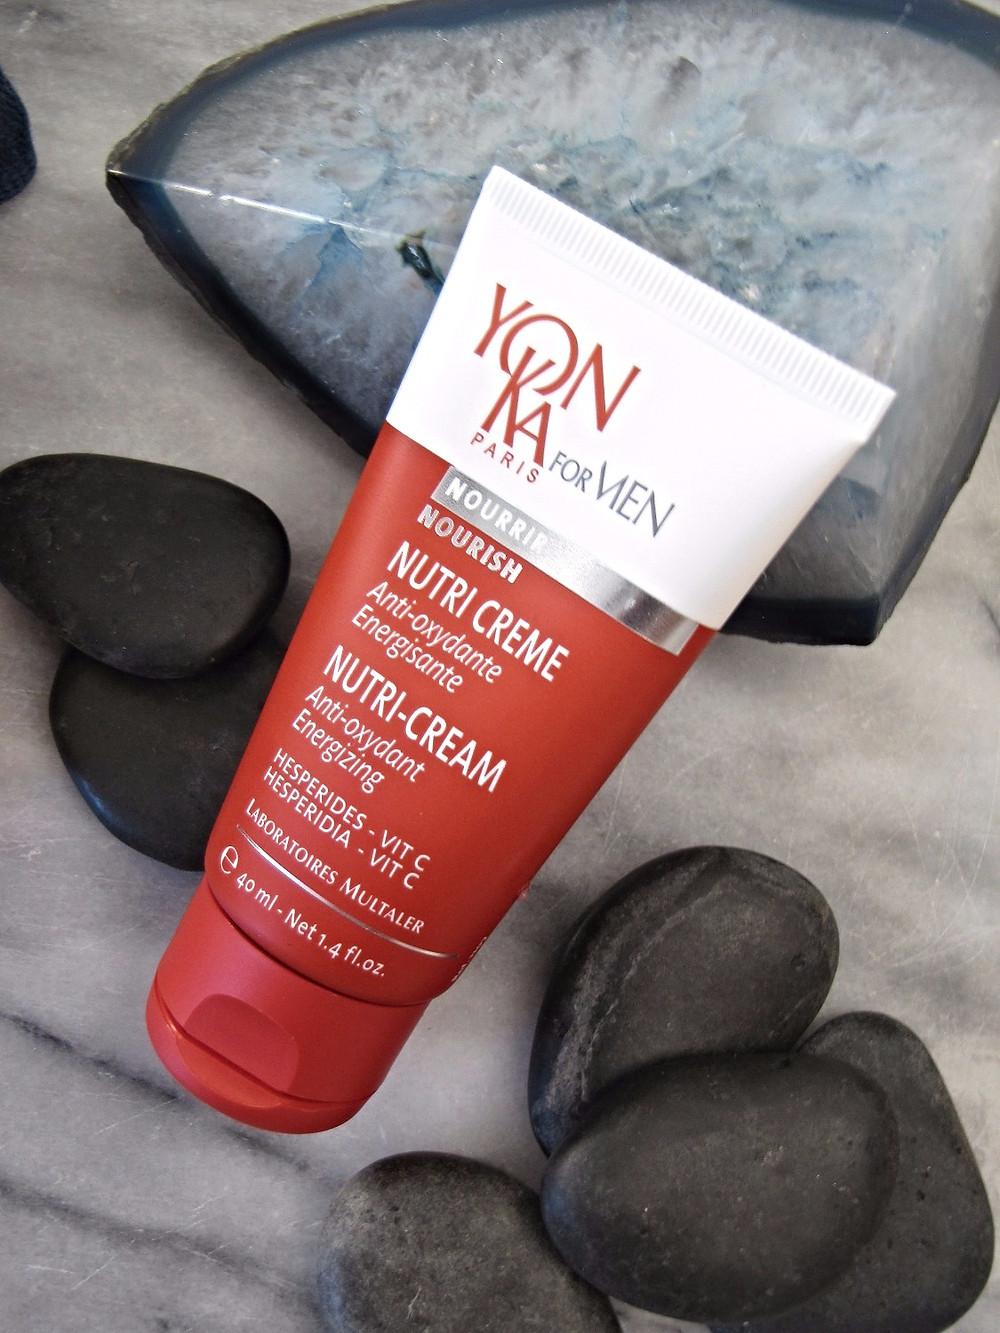 Noie Beauty: Yonka for Men Nutri-Cream